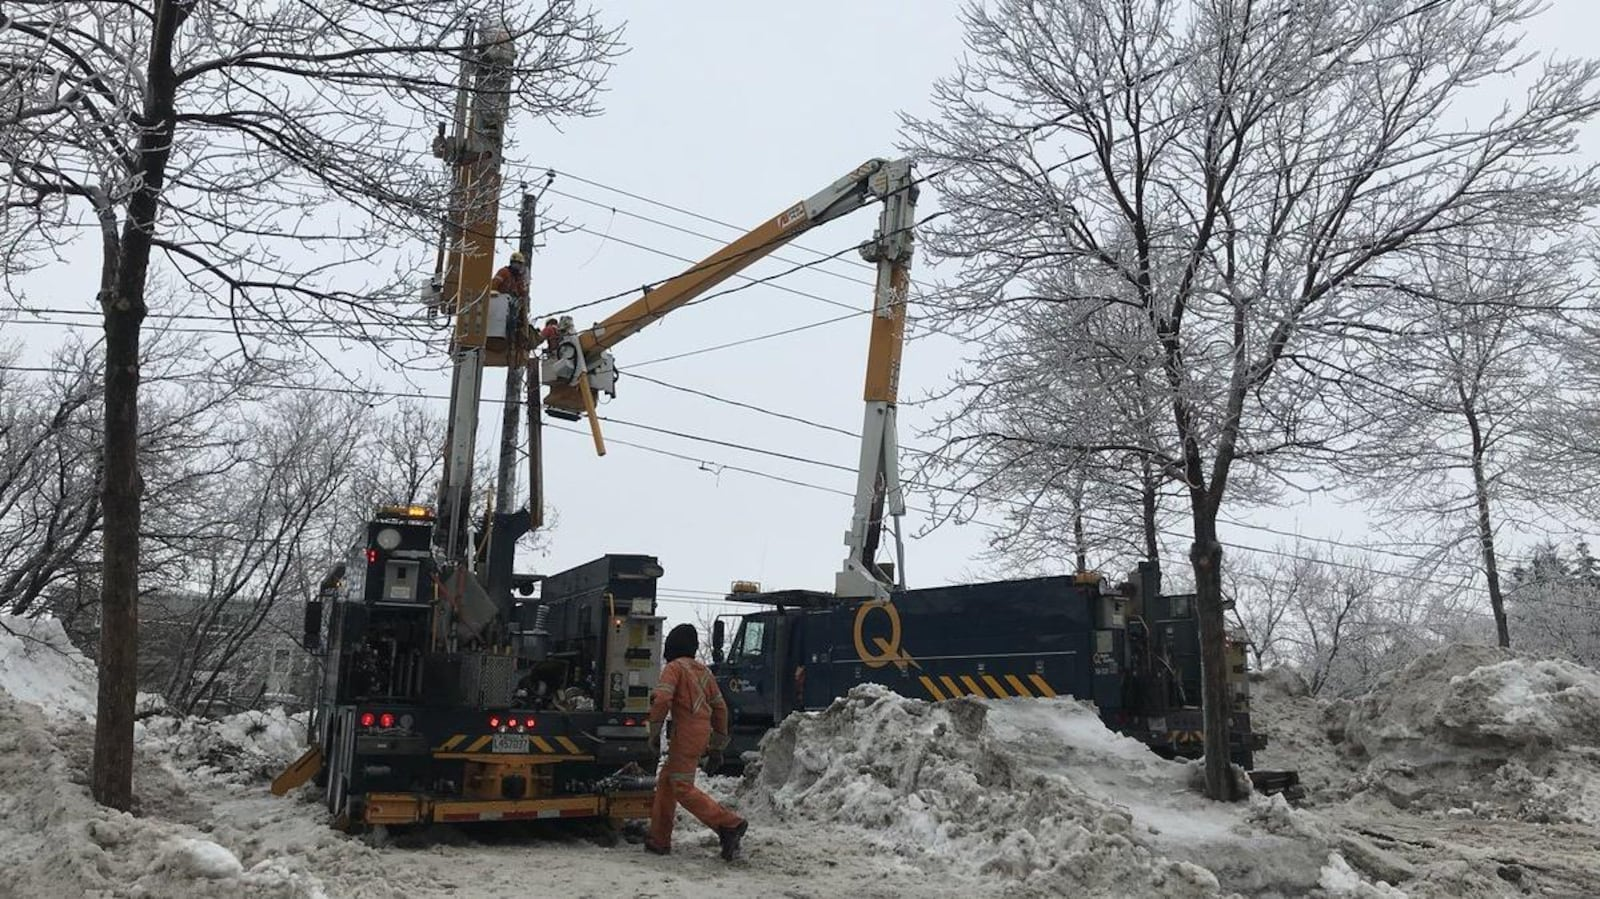 Plus de 160 équipes d'Hydro-Québec sont déployées sur le terrain.